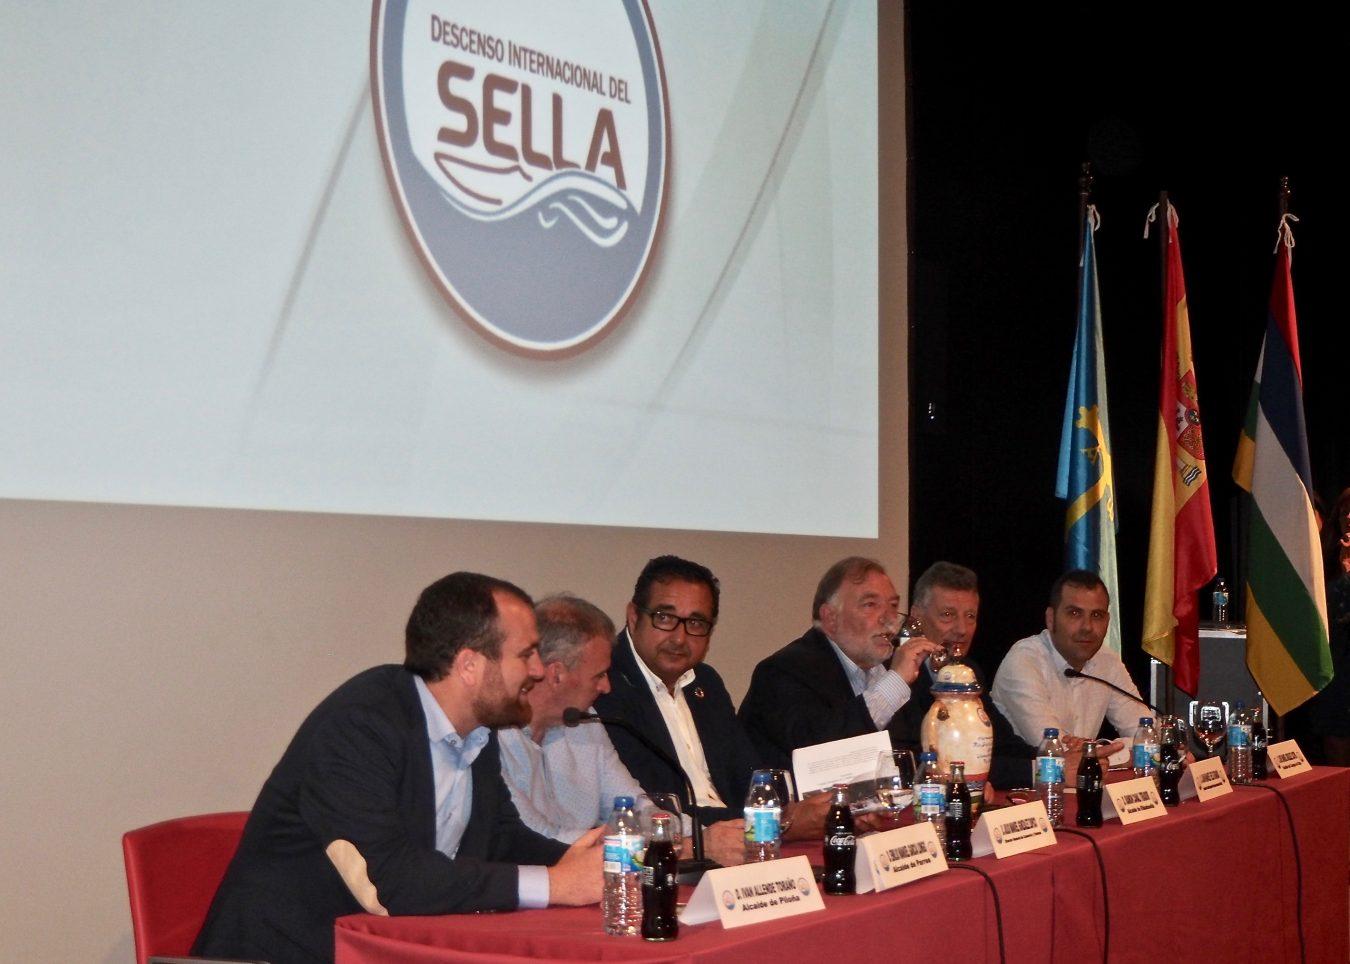 Ribadesella acoge la presentación del Descenso Internacional del Sella mas sidreru